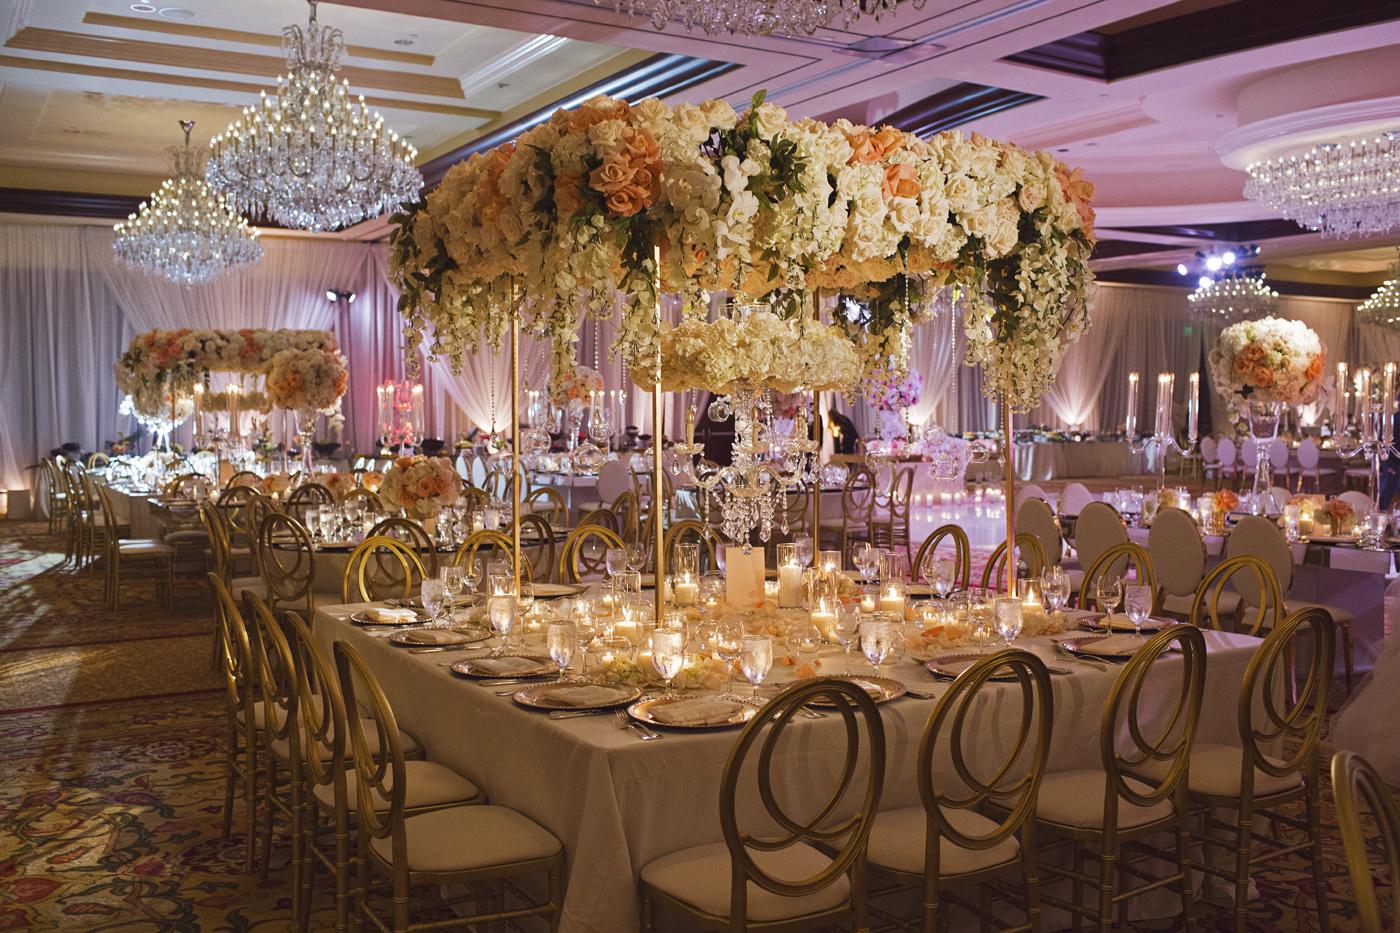 061_DukePhotography_DukeImages_Wedding_Details.jpg